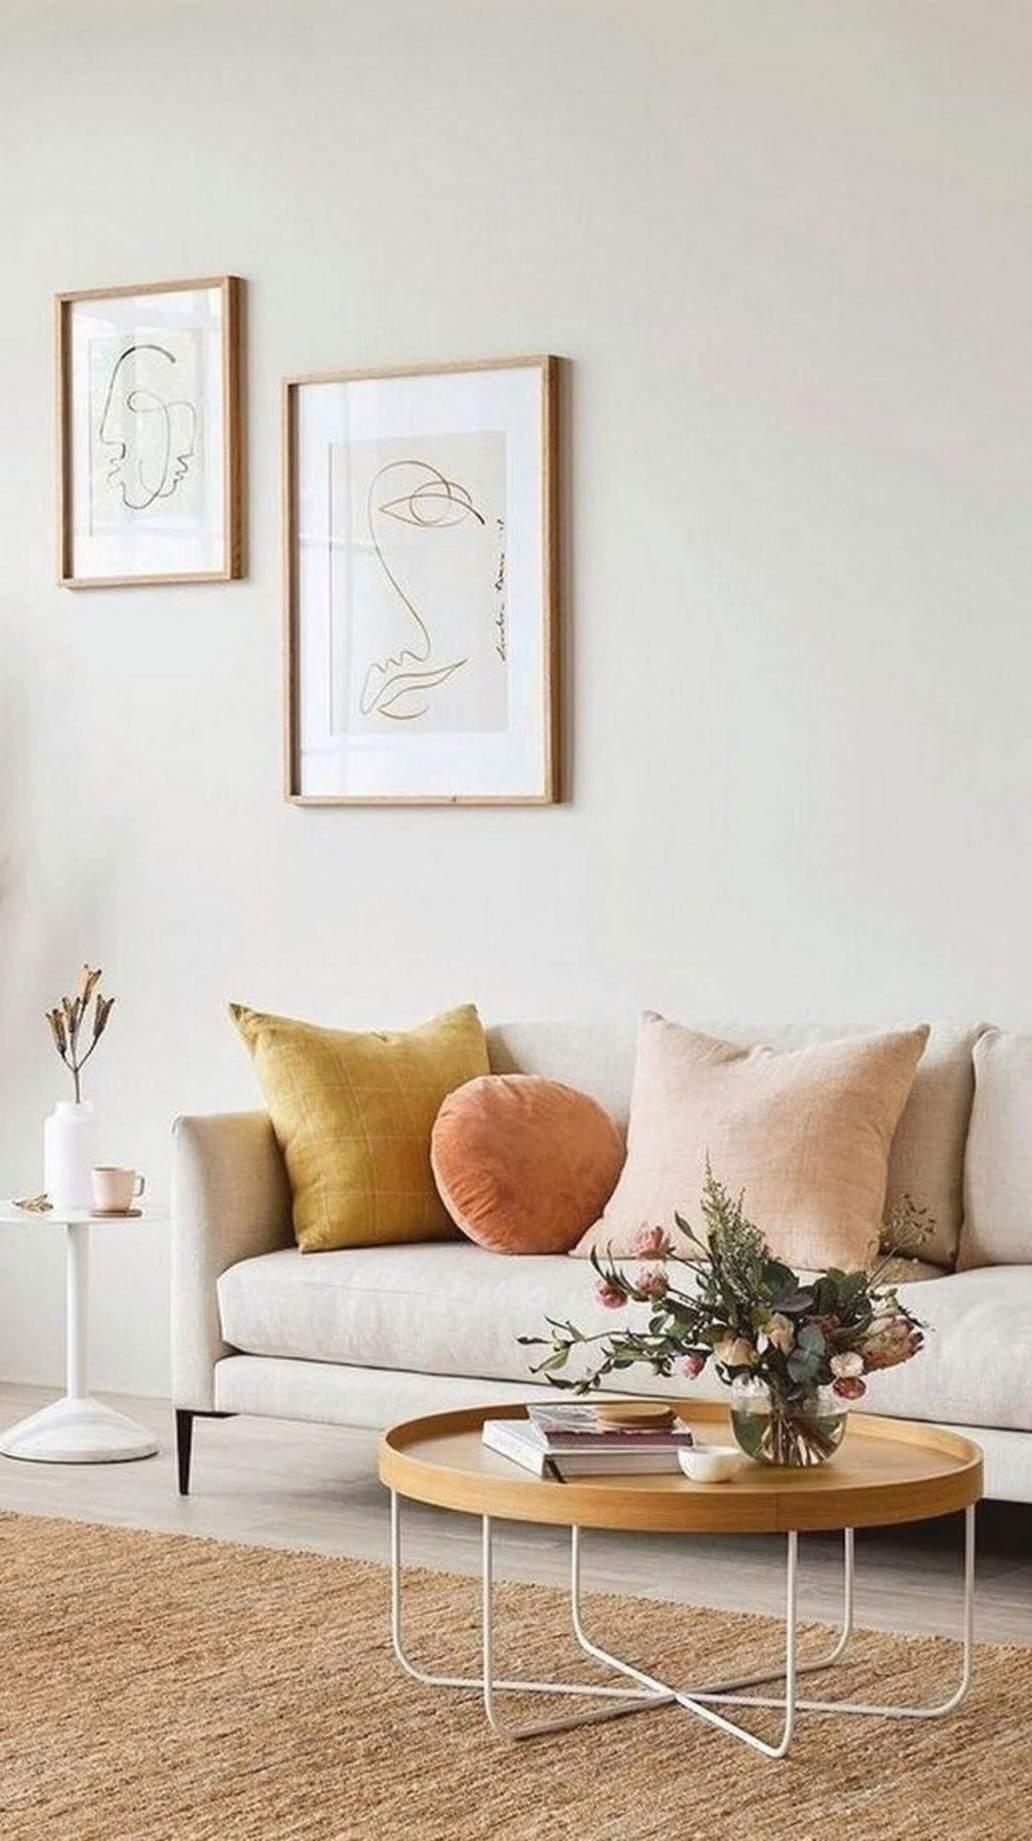 mobilier rond deco couleurs nudes 1148x2048 - Tendances meubles et décoration 2021 : le grand décryptage